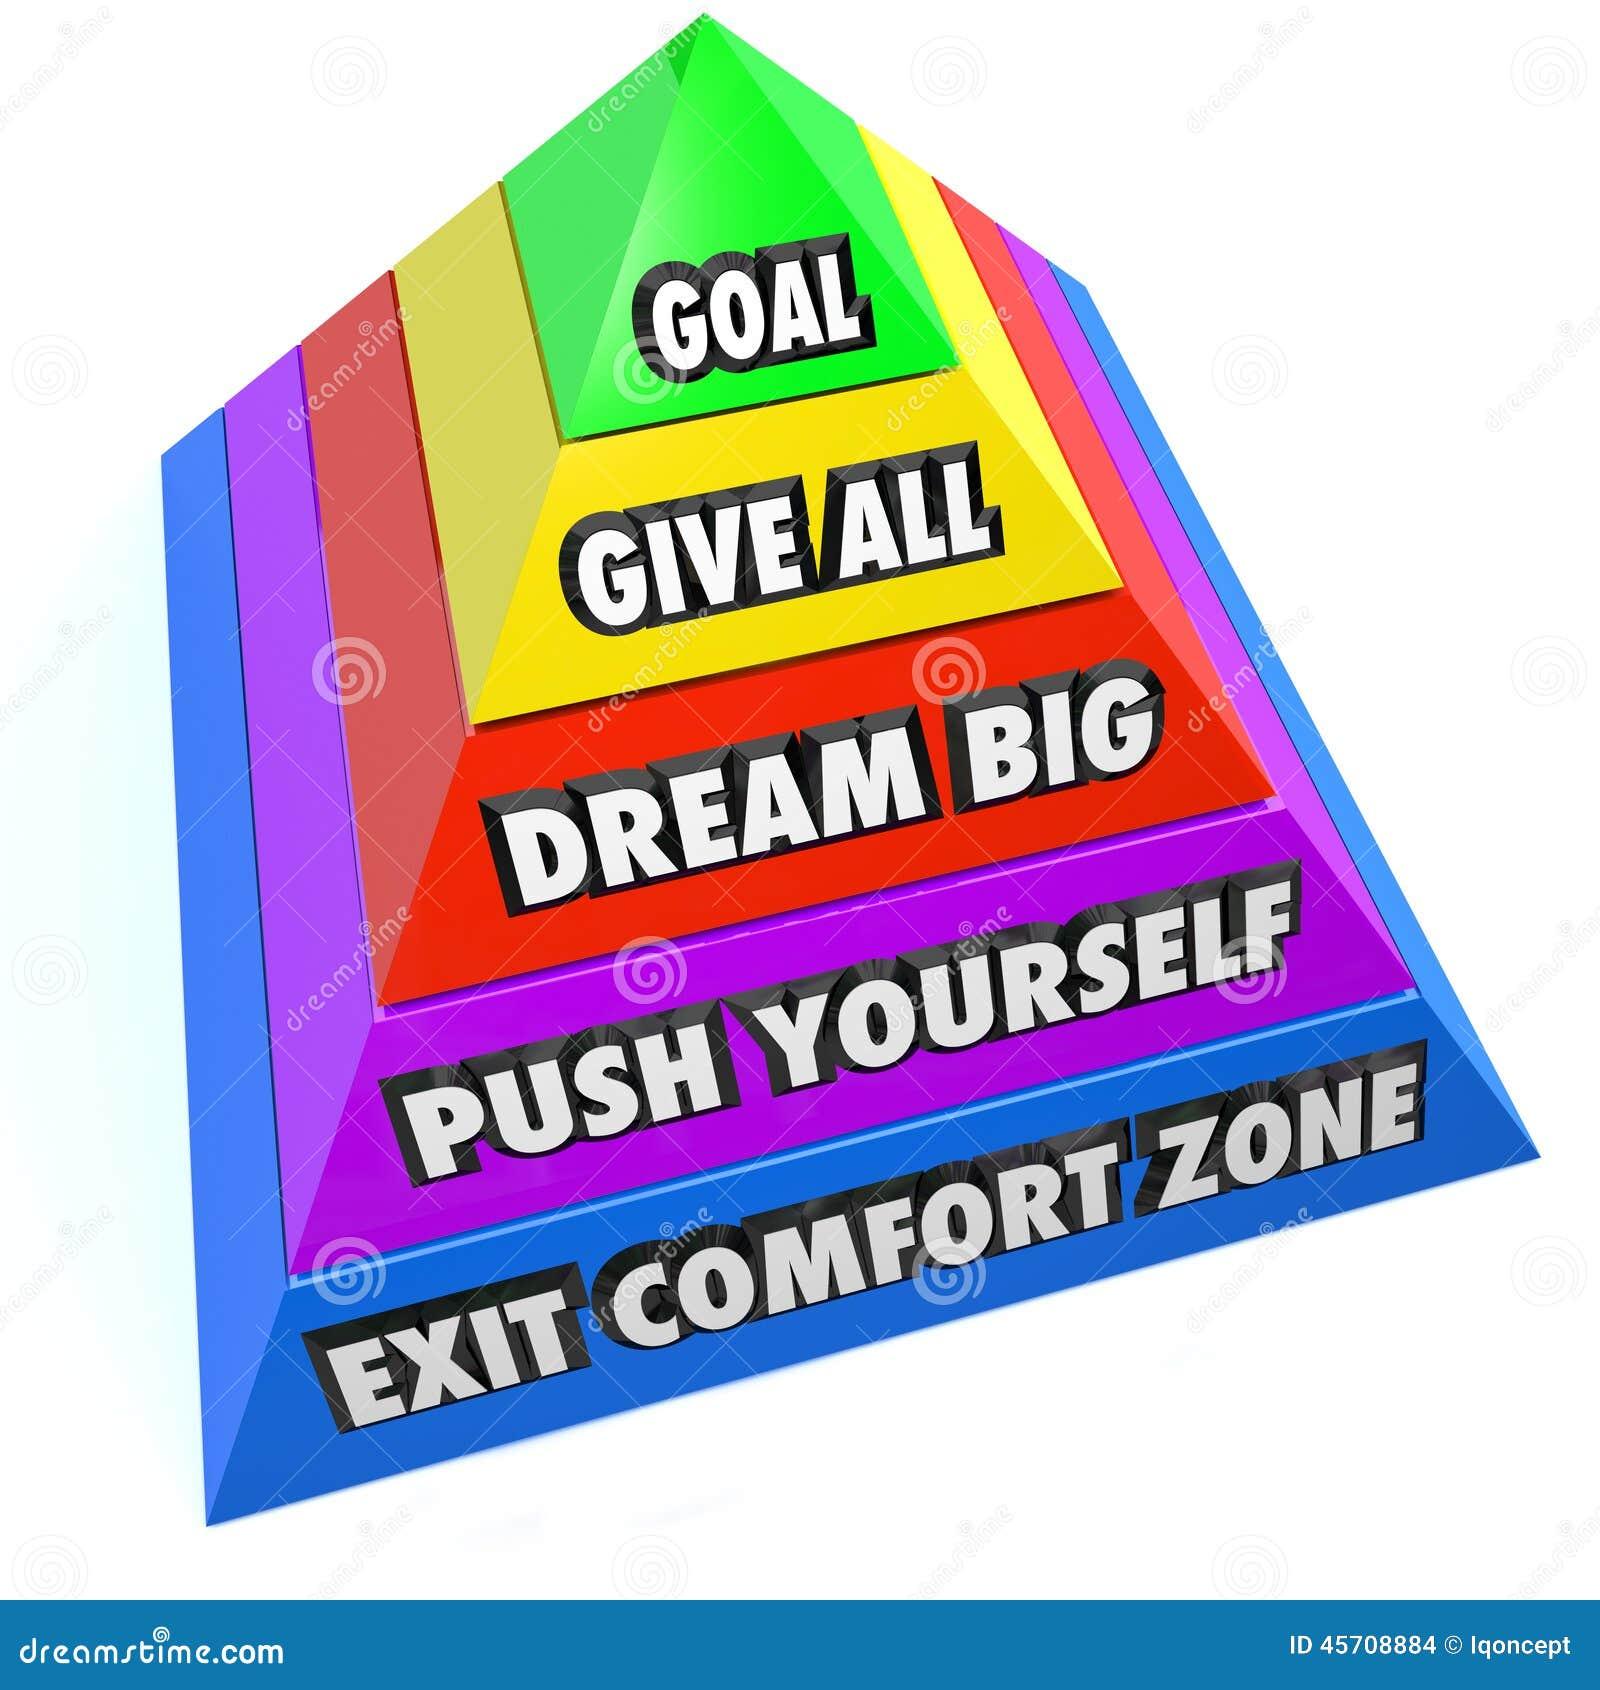 Retire etapas ideais da pirâmide da mudança do impulso você mesmo da zona de conforto